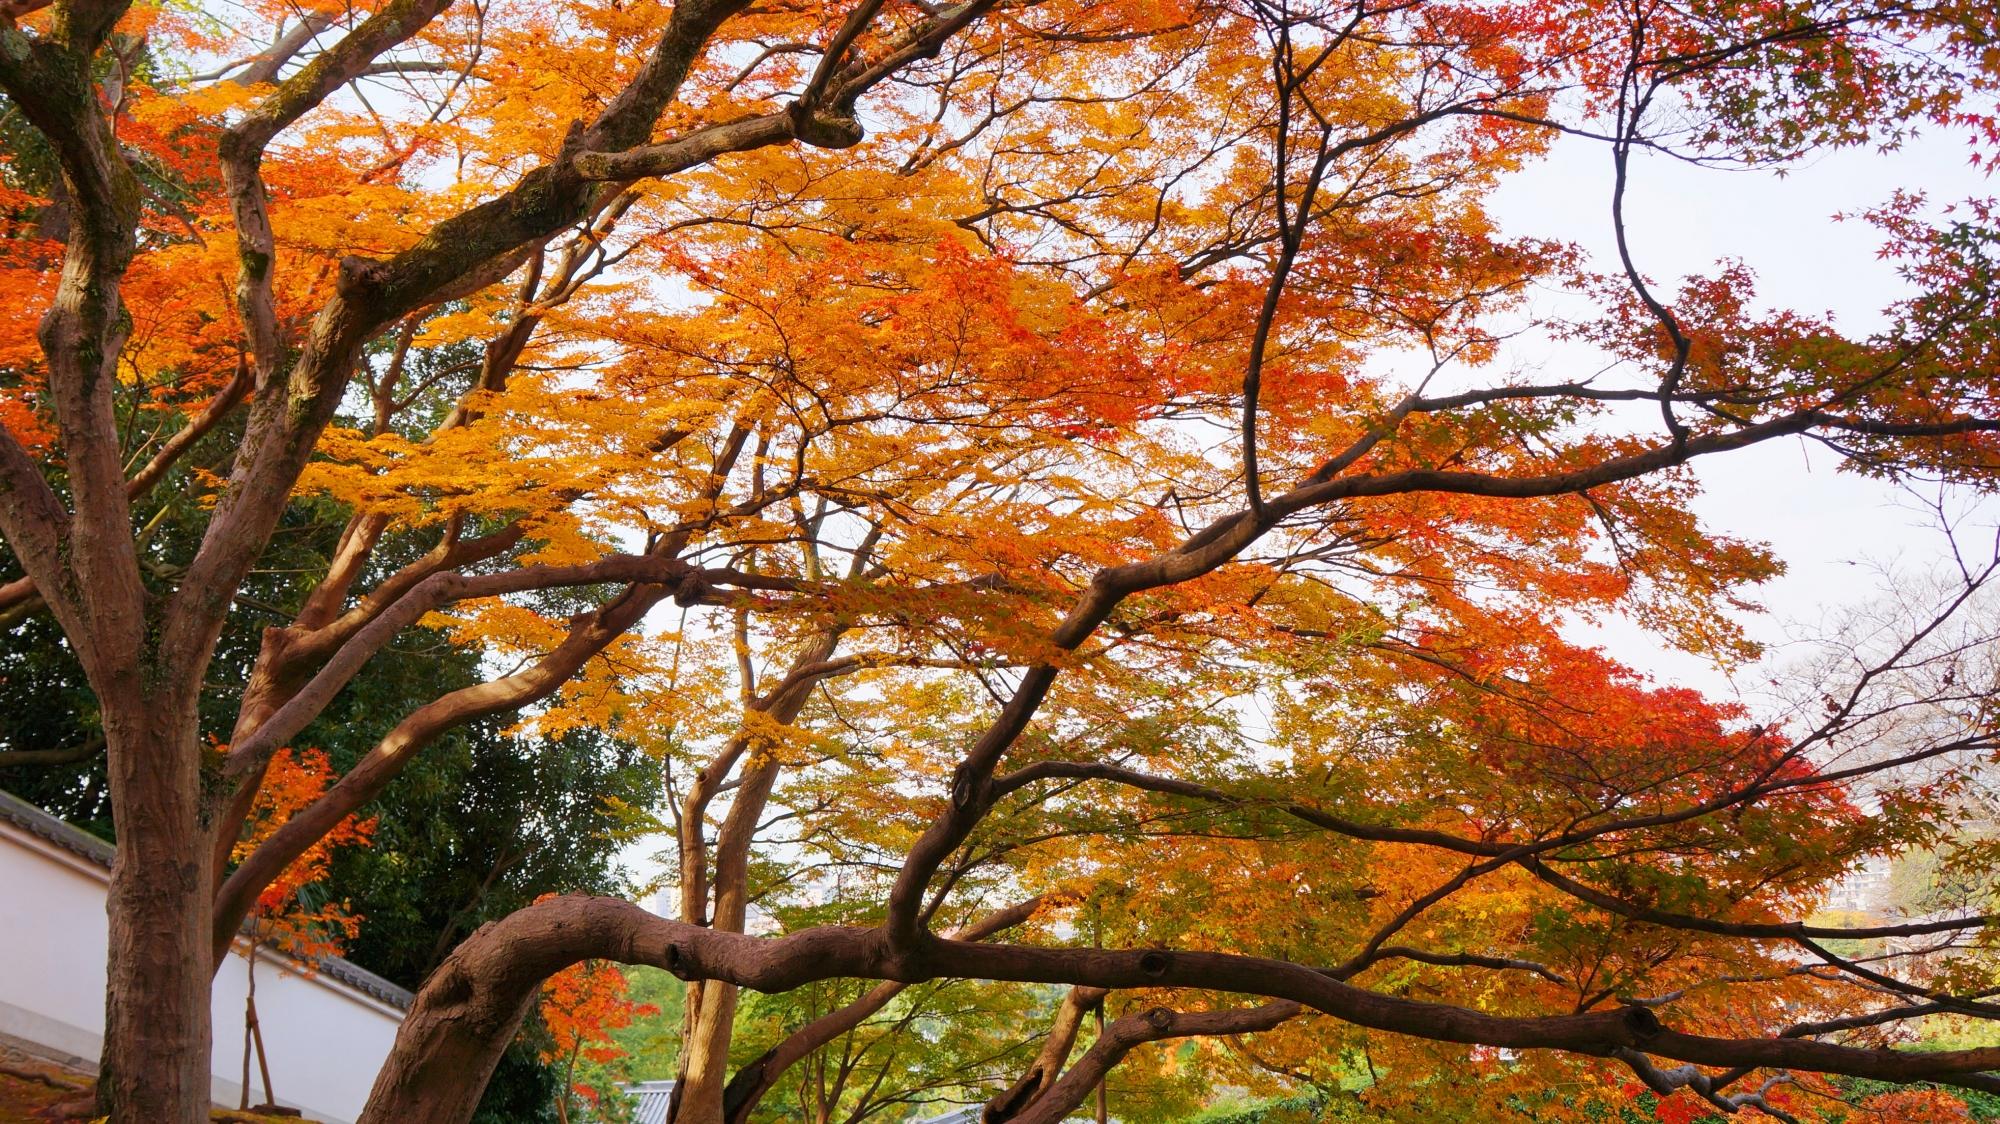 静かな黒門坂でたくさんの枝を伸ばして色づく